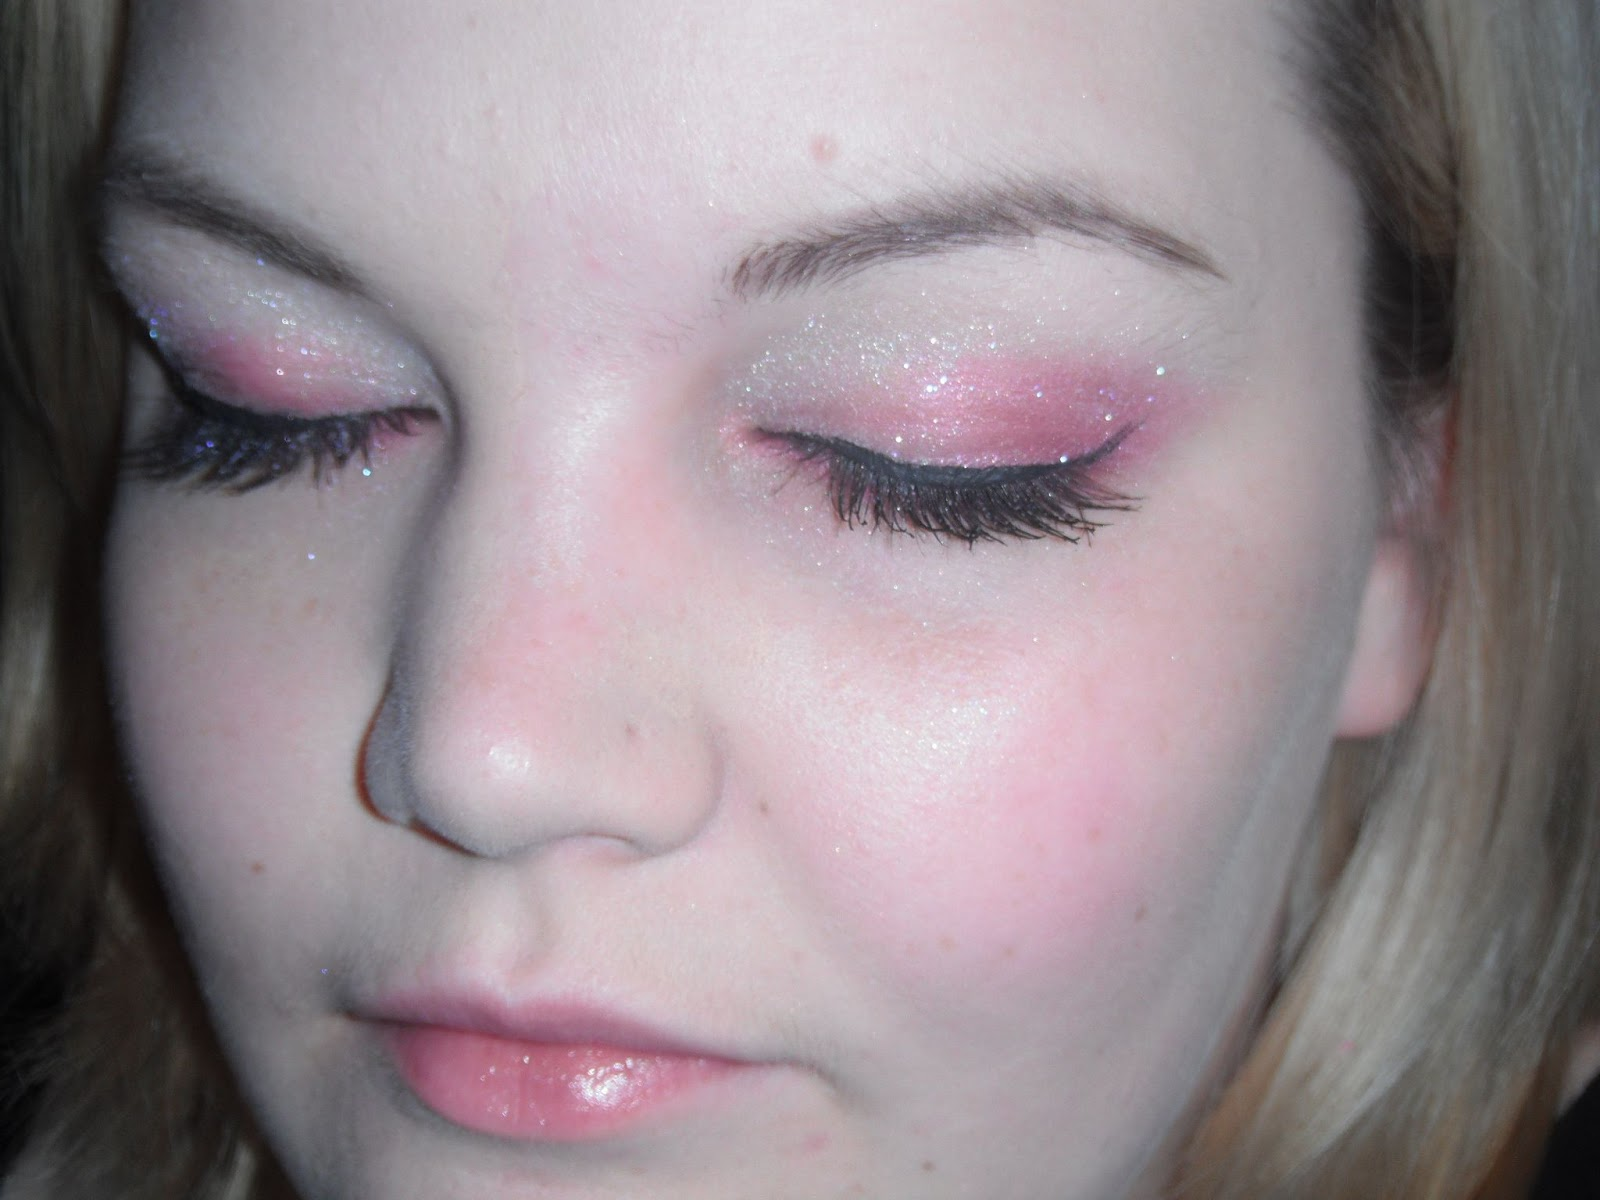 Eyeshadow by Urban Decay #11